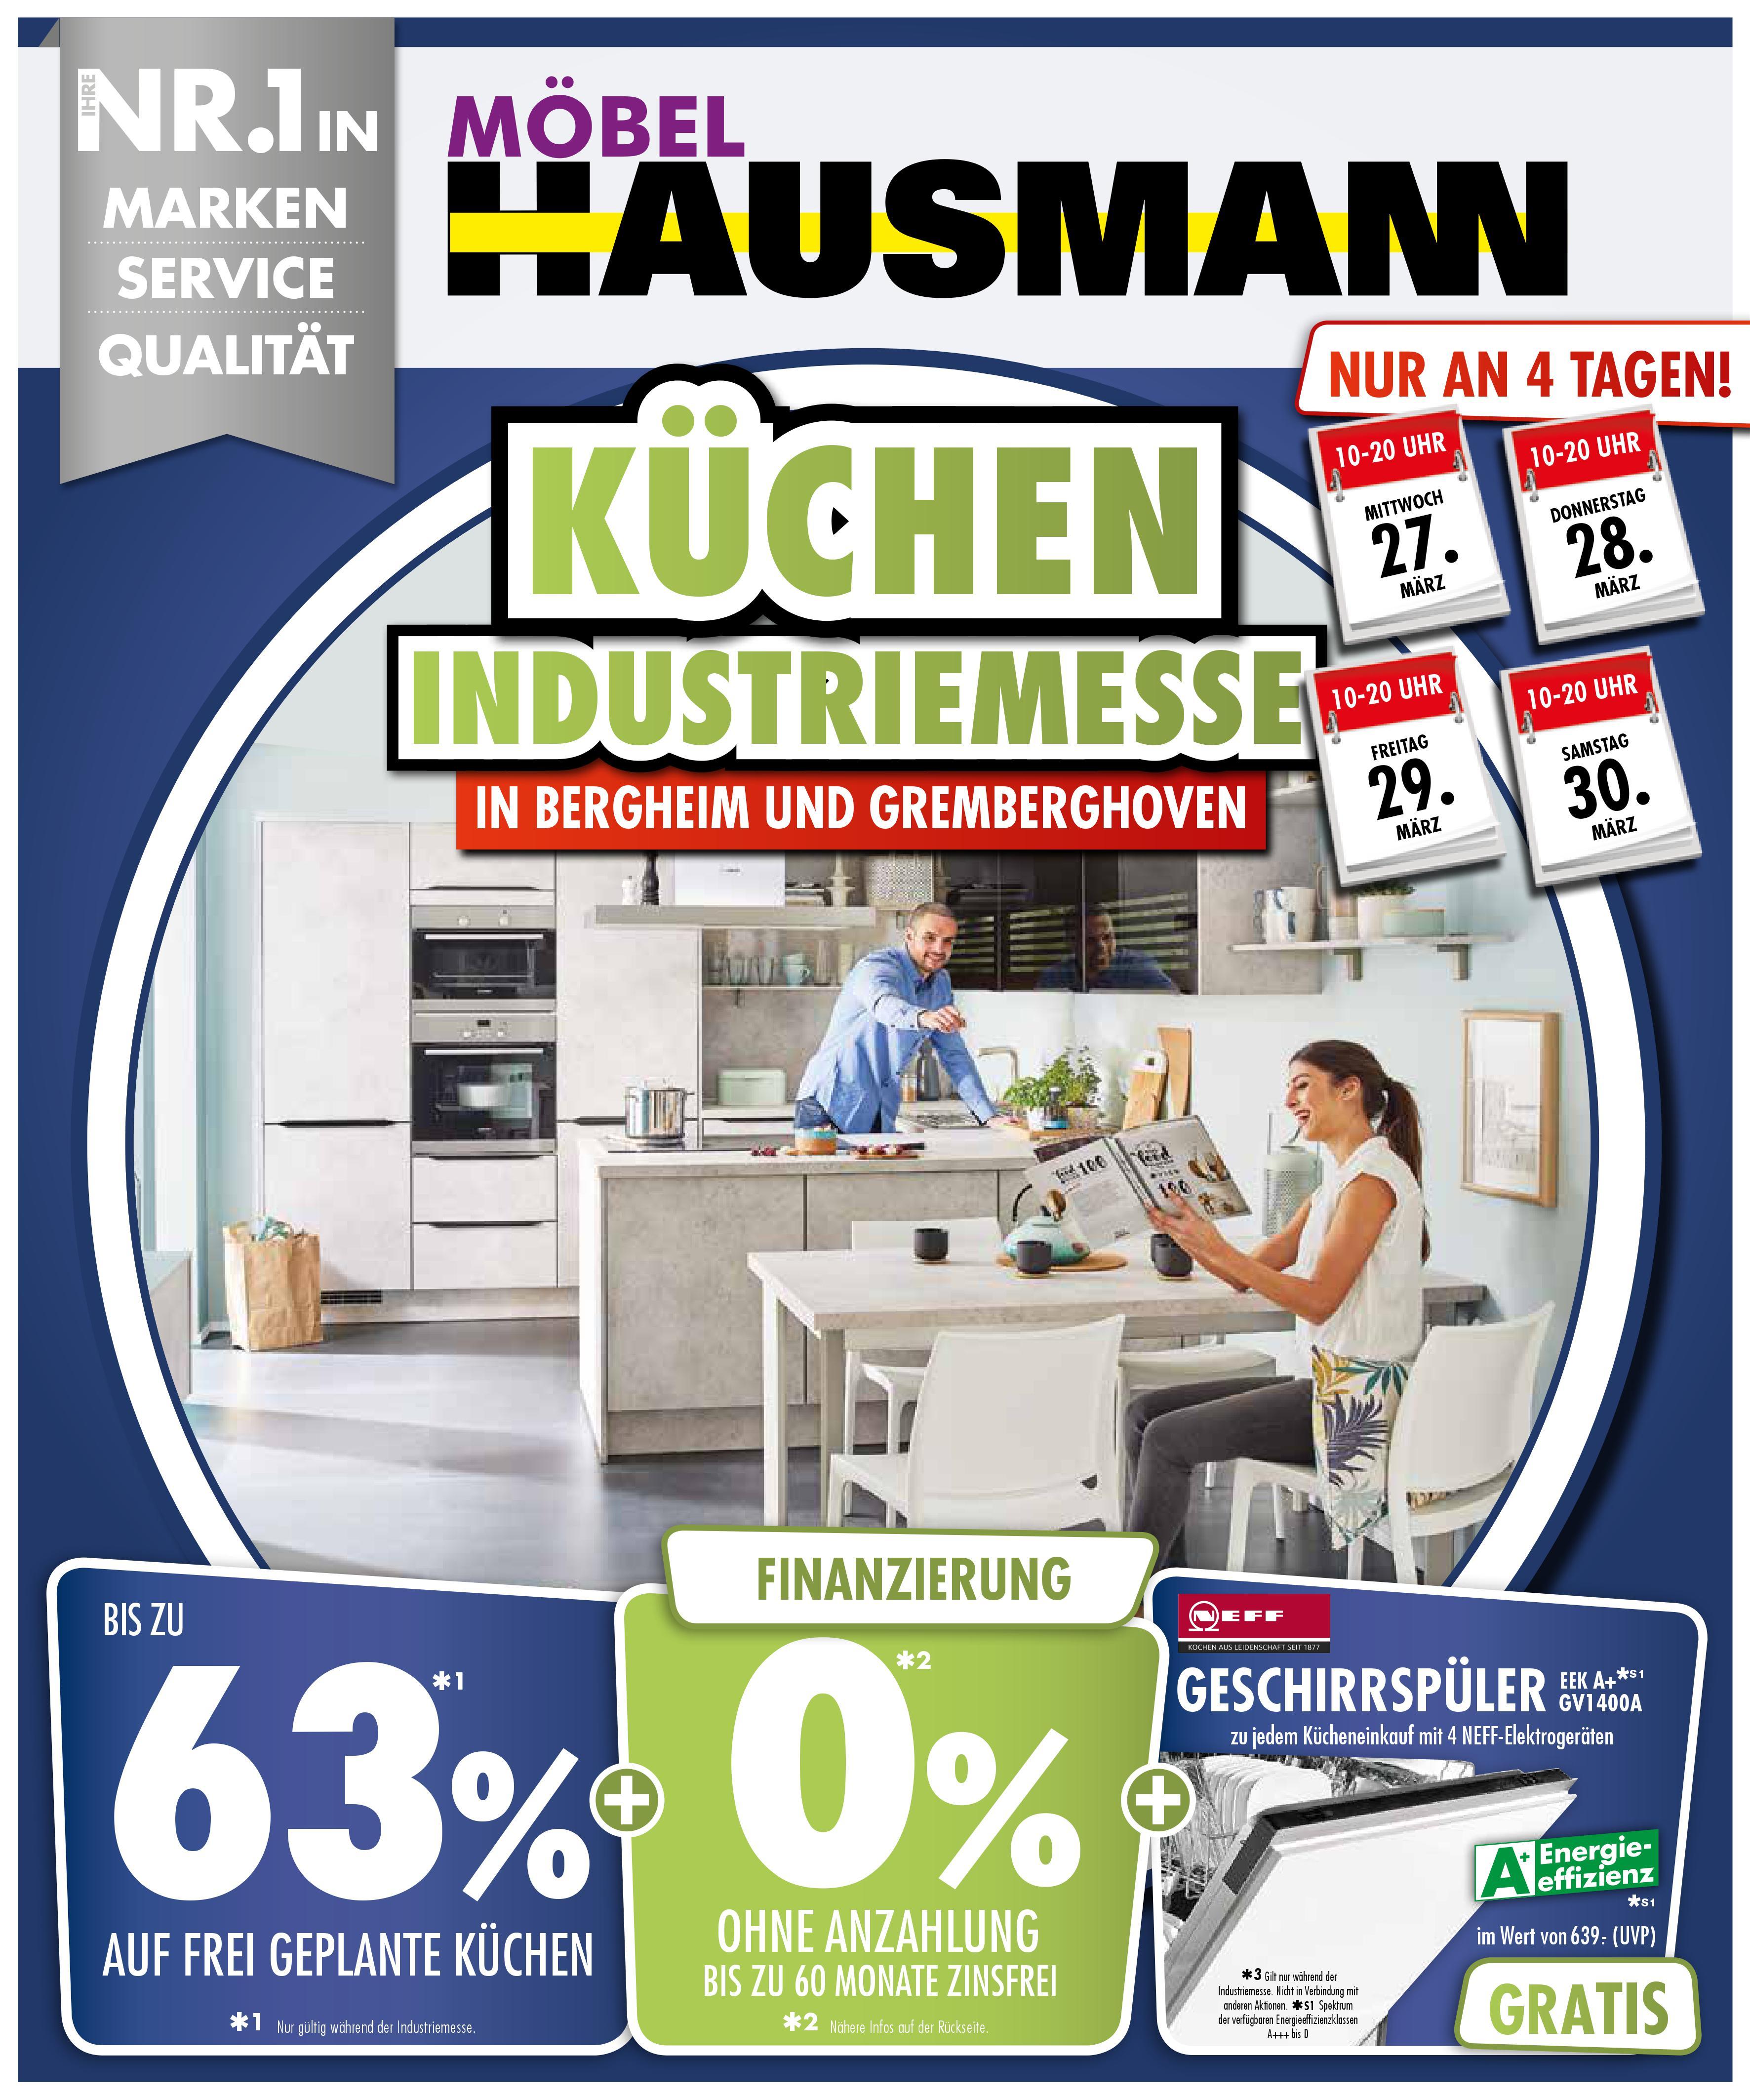 Küchen Industriemesse Bei Möbel Hausmann Regiotv Rhein Erft